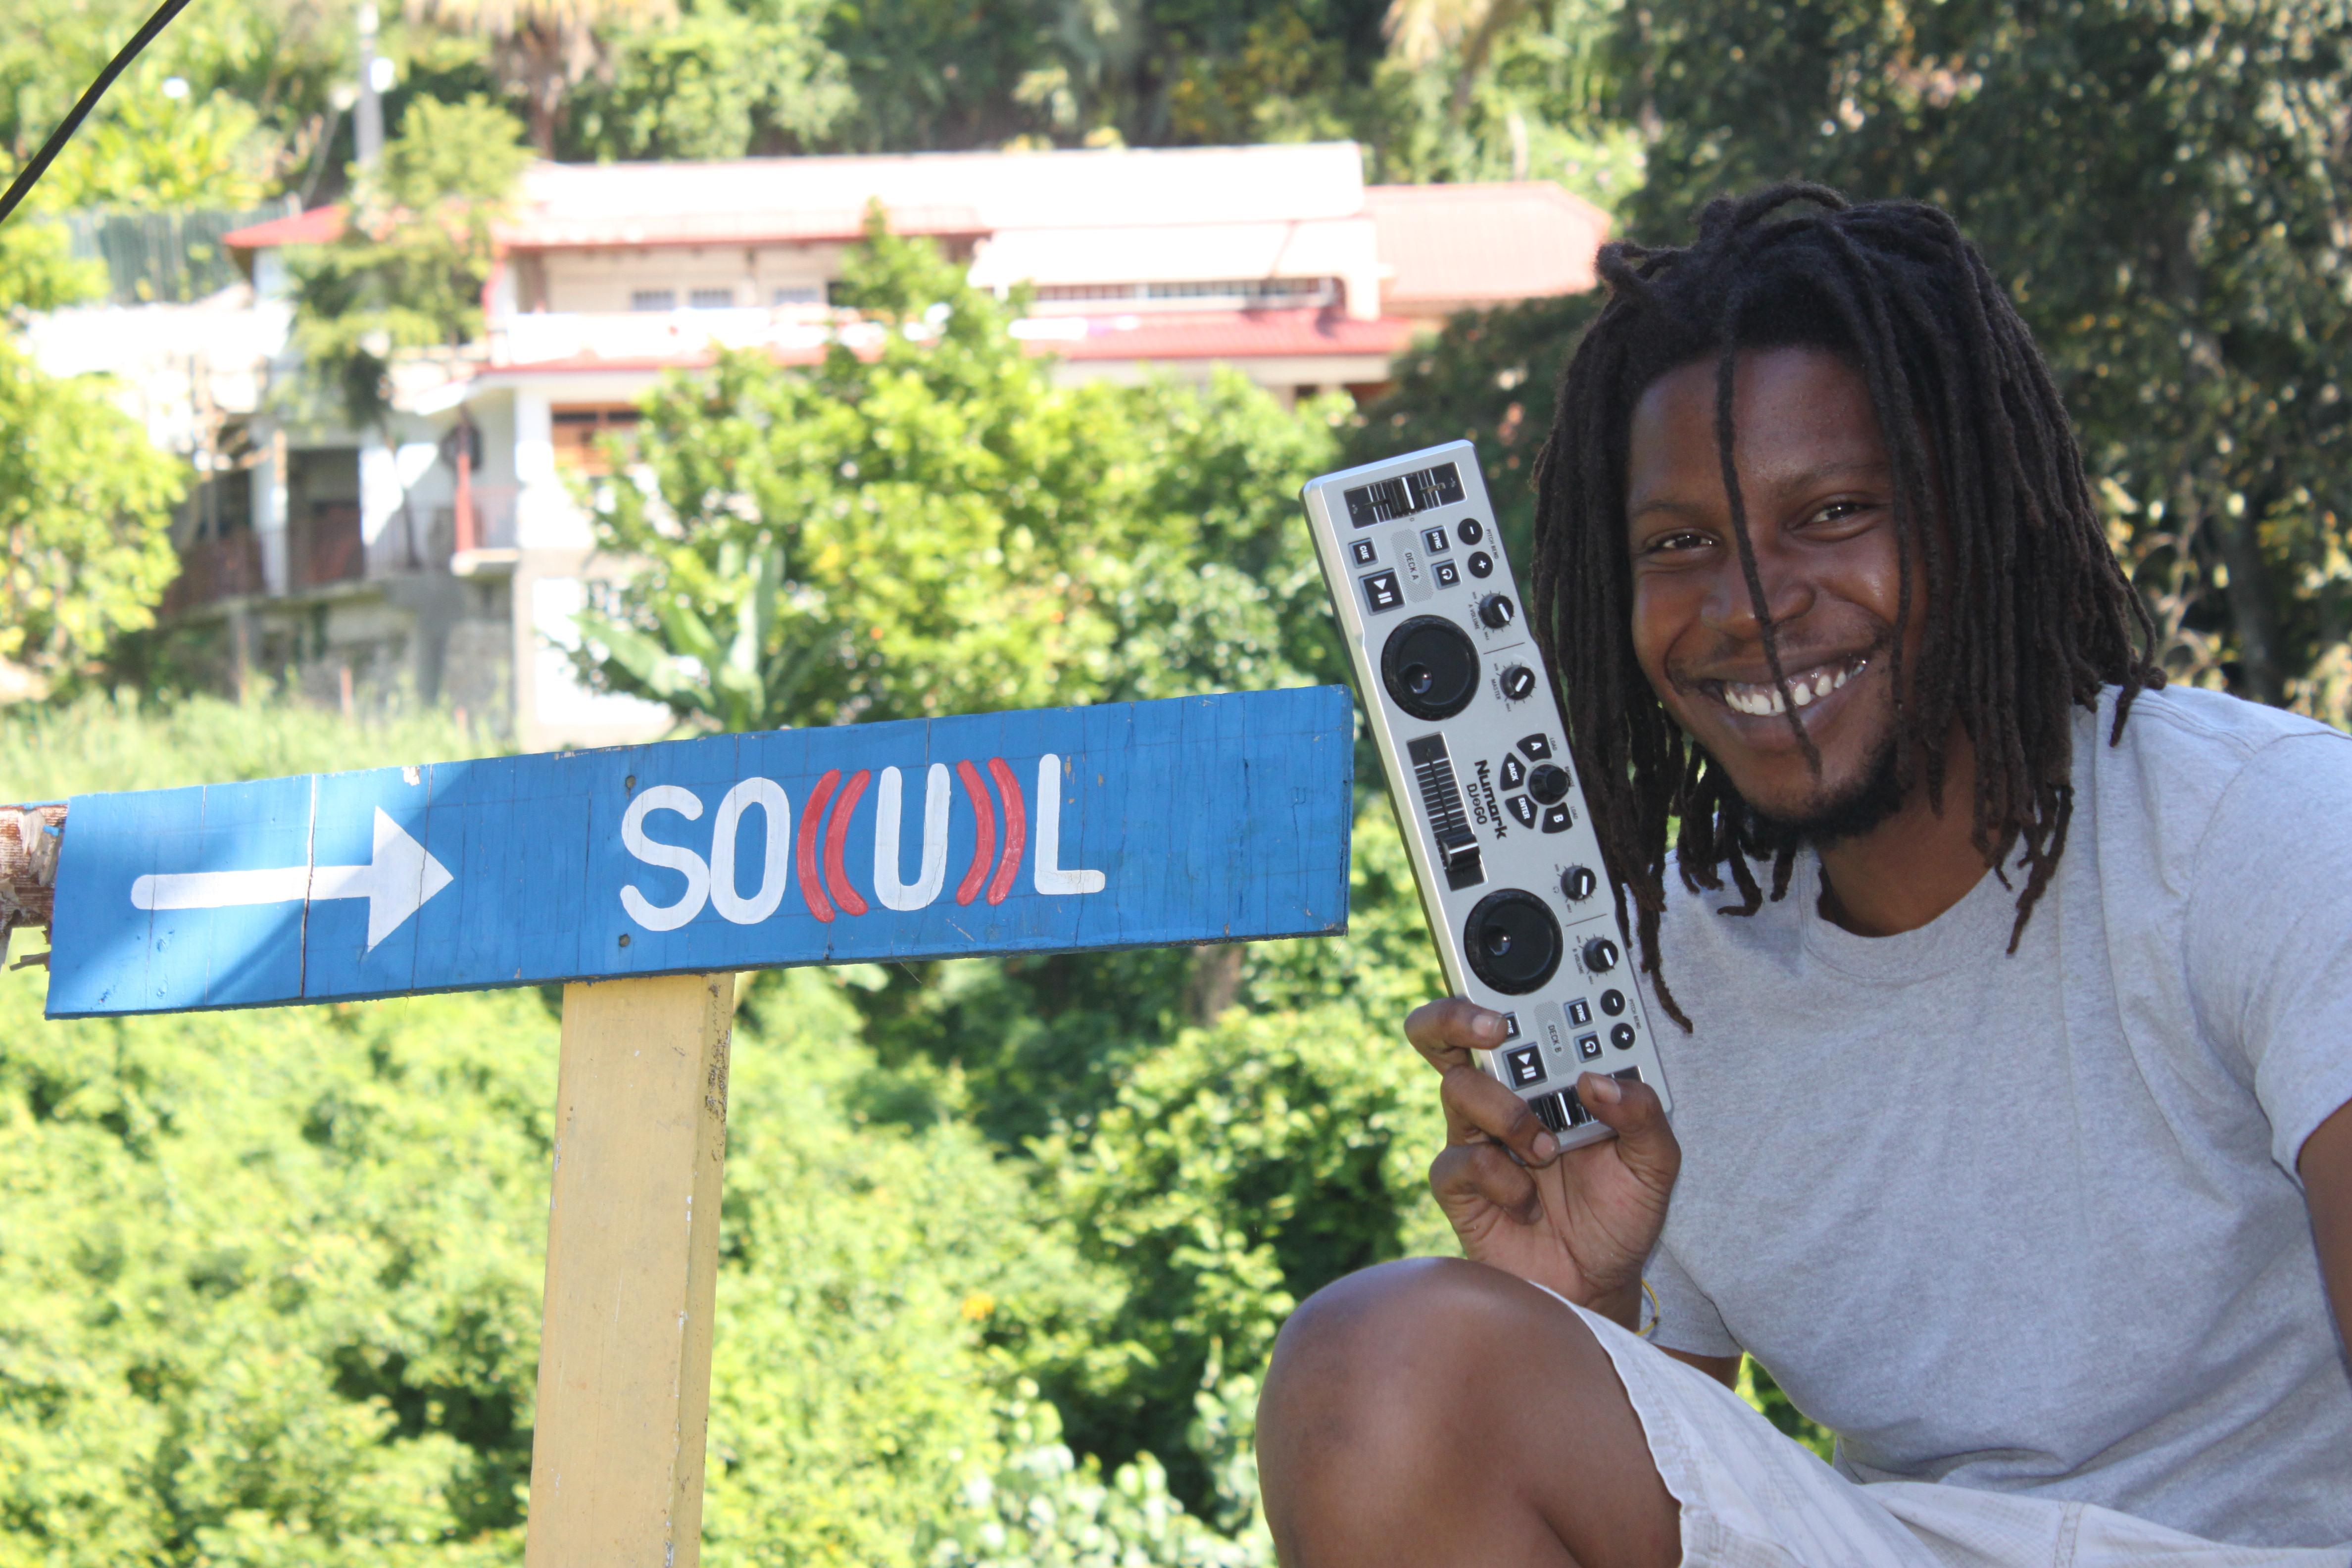 DJ Zanj Rracc